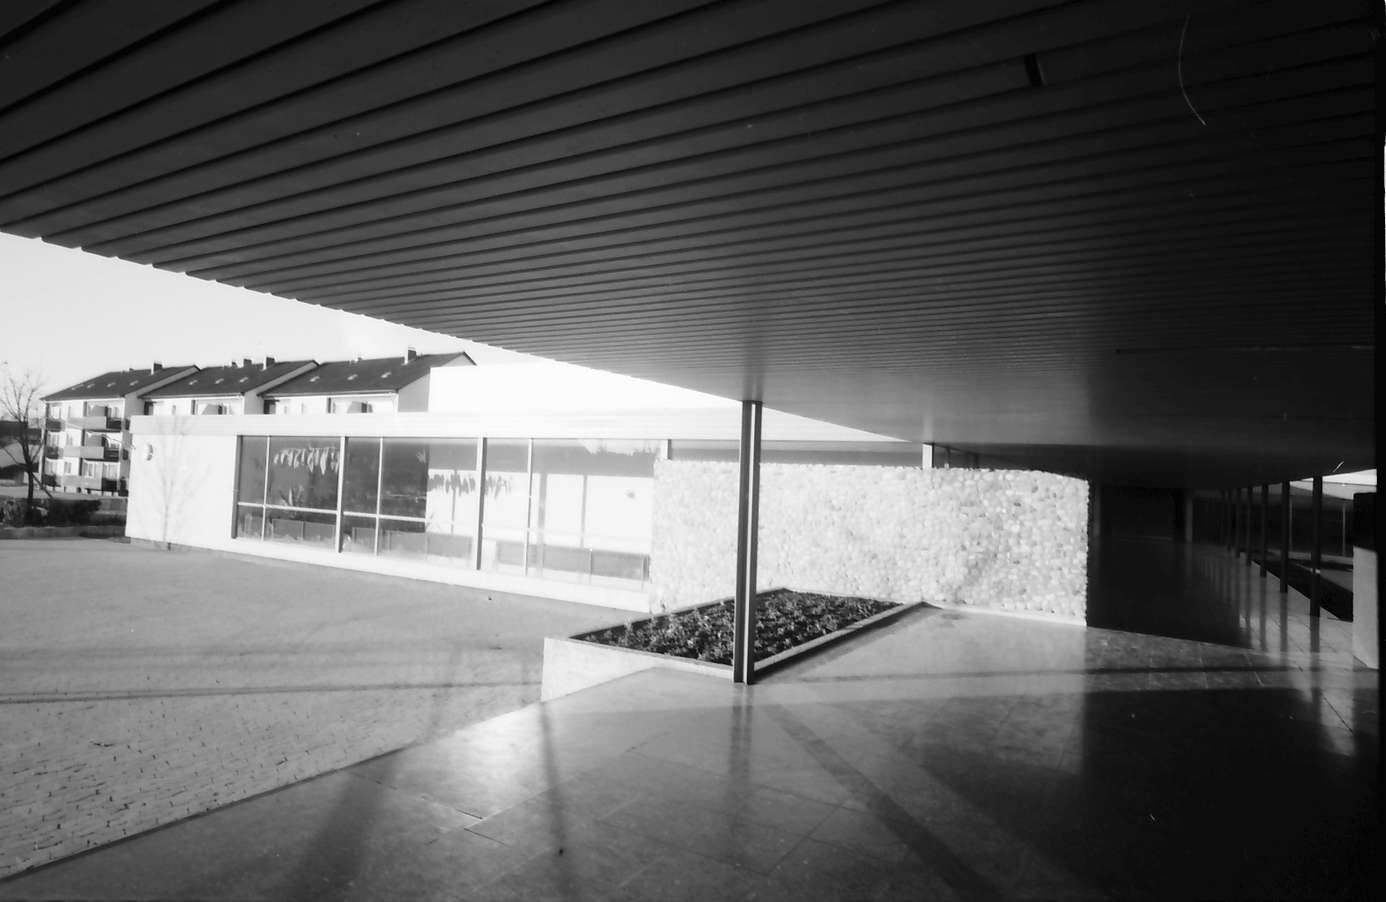 Denzlingen: Schule, Eingangseite von innen mit gedecktem Gang, Bild 1